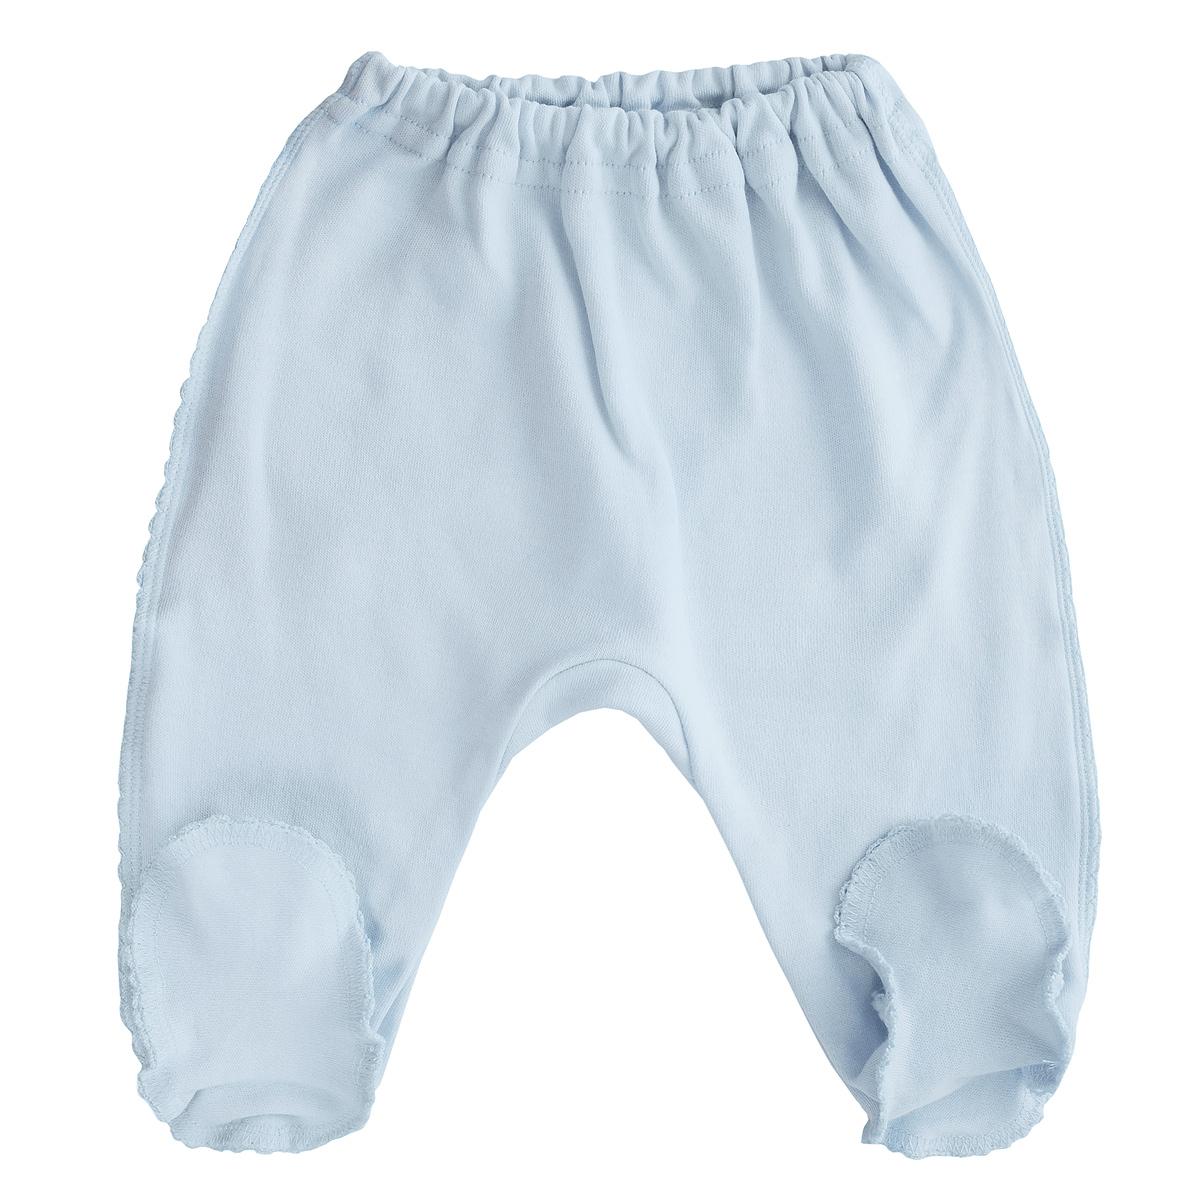 Ползунки37-506нПолзунки с закрытыми ножками Фреш Стайл послужат идеальным дополнением к гардеробу малыша. Ползунки, изготовленные из интерлок-пенье - натурального хлопка, необычайно мягкие и легкие, не раздражают нежную кожу ребенка и хорошо вентилируются, а выполненные наружу швы приятны телу малыша и не препятствуют его движениям. Ползунки на резинке - очень удобный и практичный вид одежды для малышей, которые уже немного подросли.